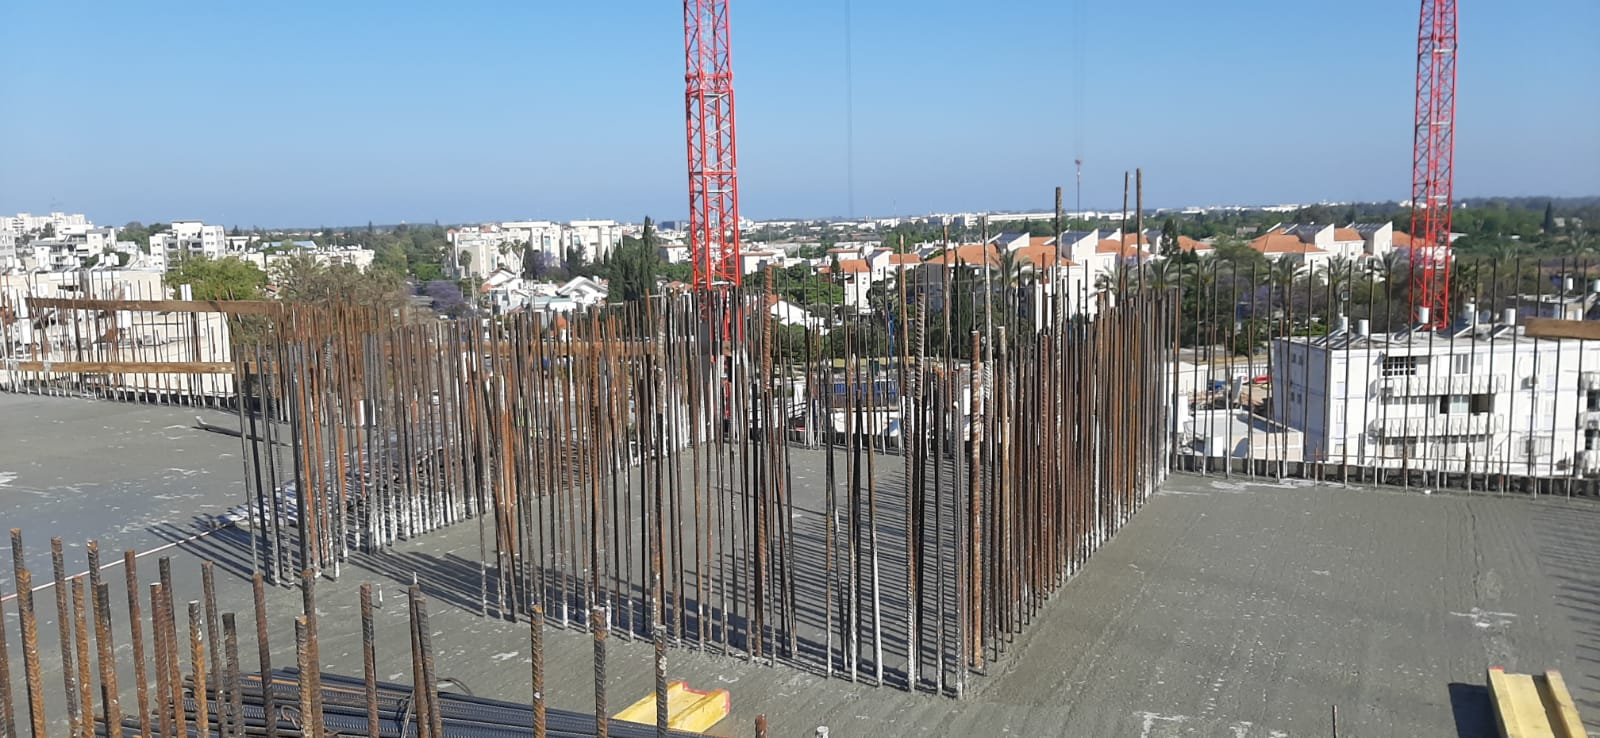 מגרש 102 - ביצוע רצפת קומה 5 | מגרש 103 - קירות חוץ קומה 4  07.05.2020